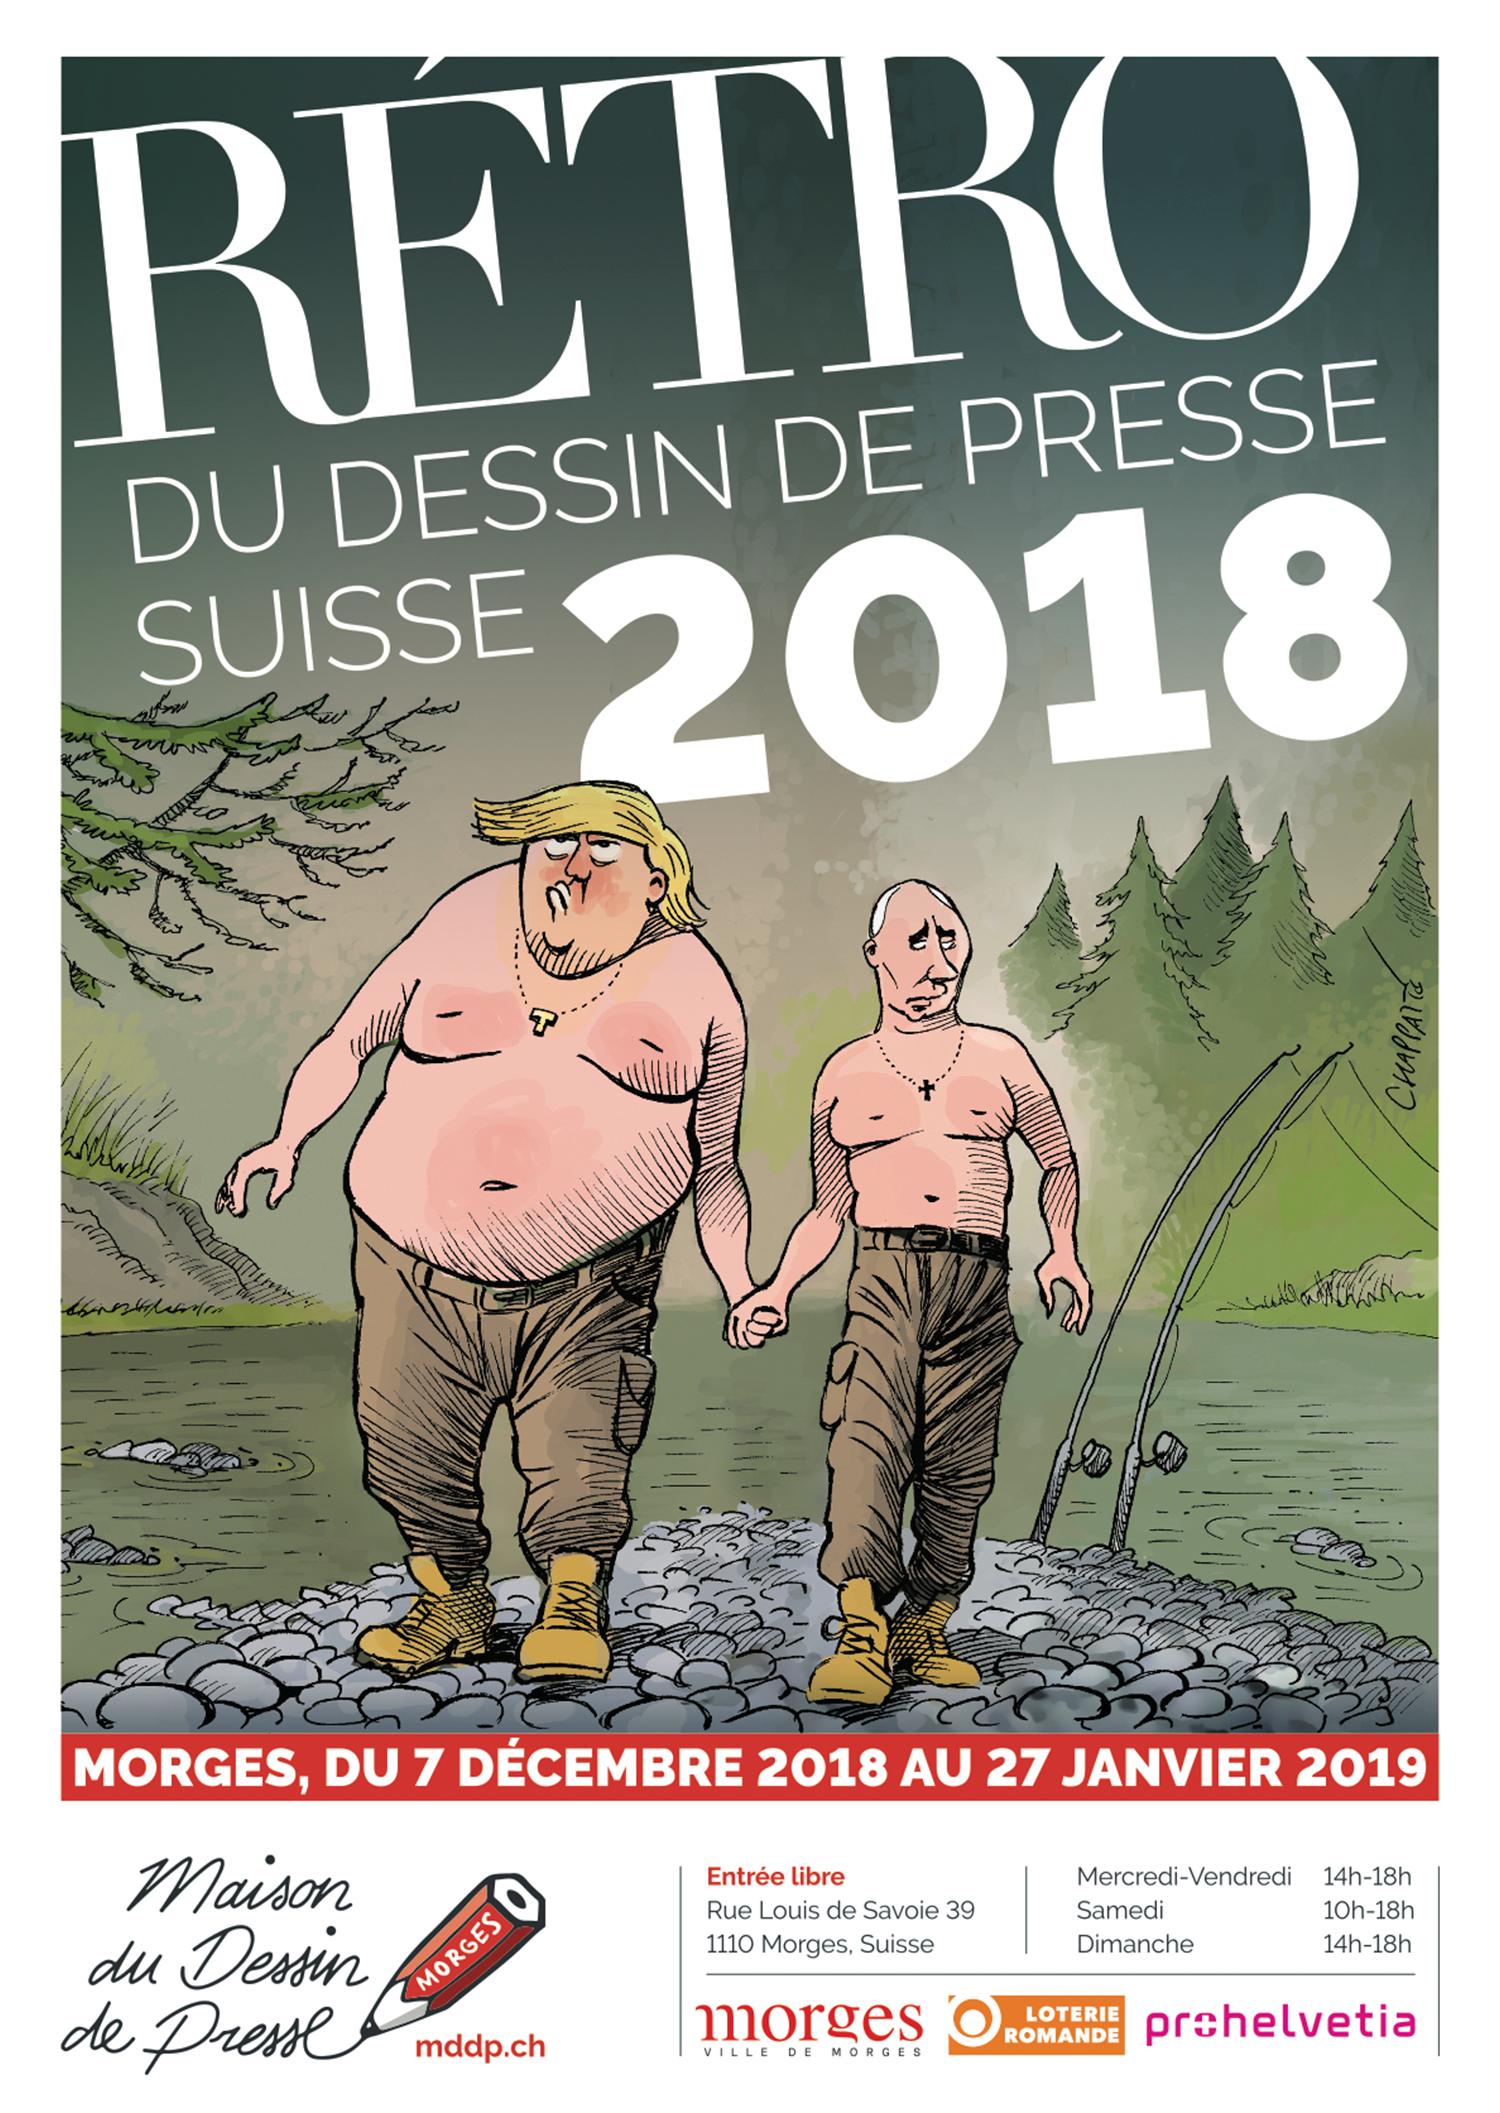 Rétrospective du dessin de presse suisse 2018